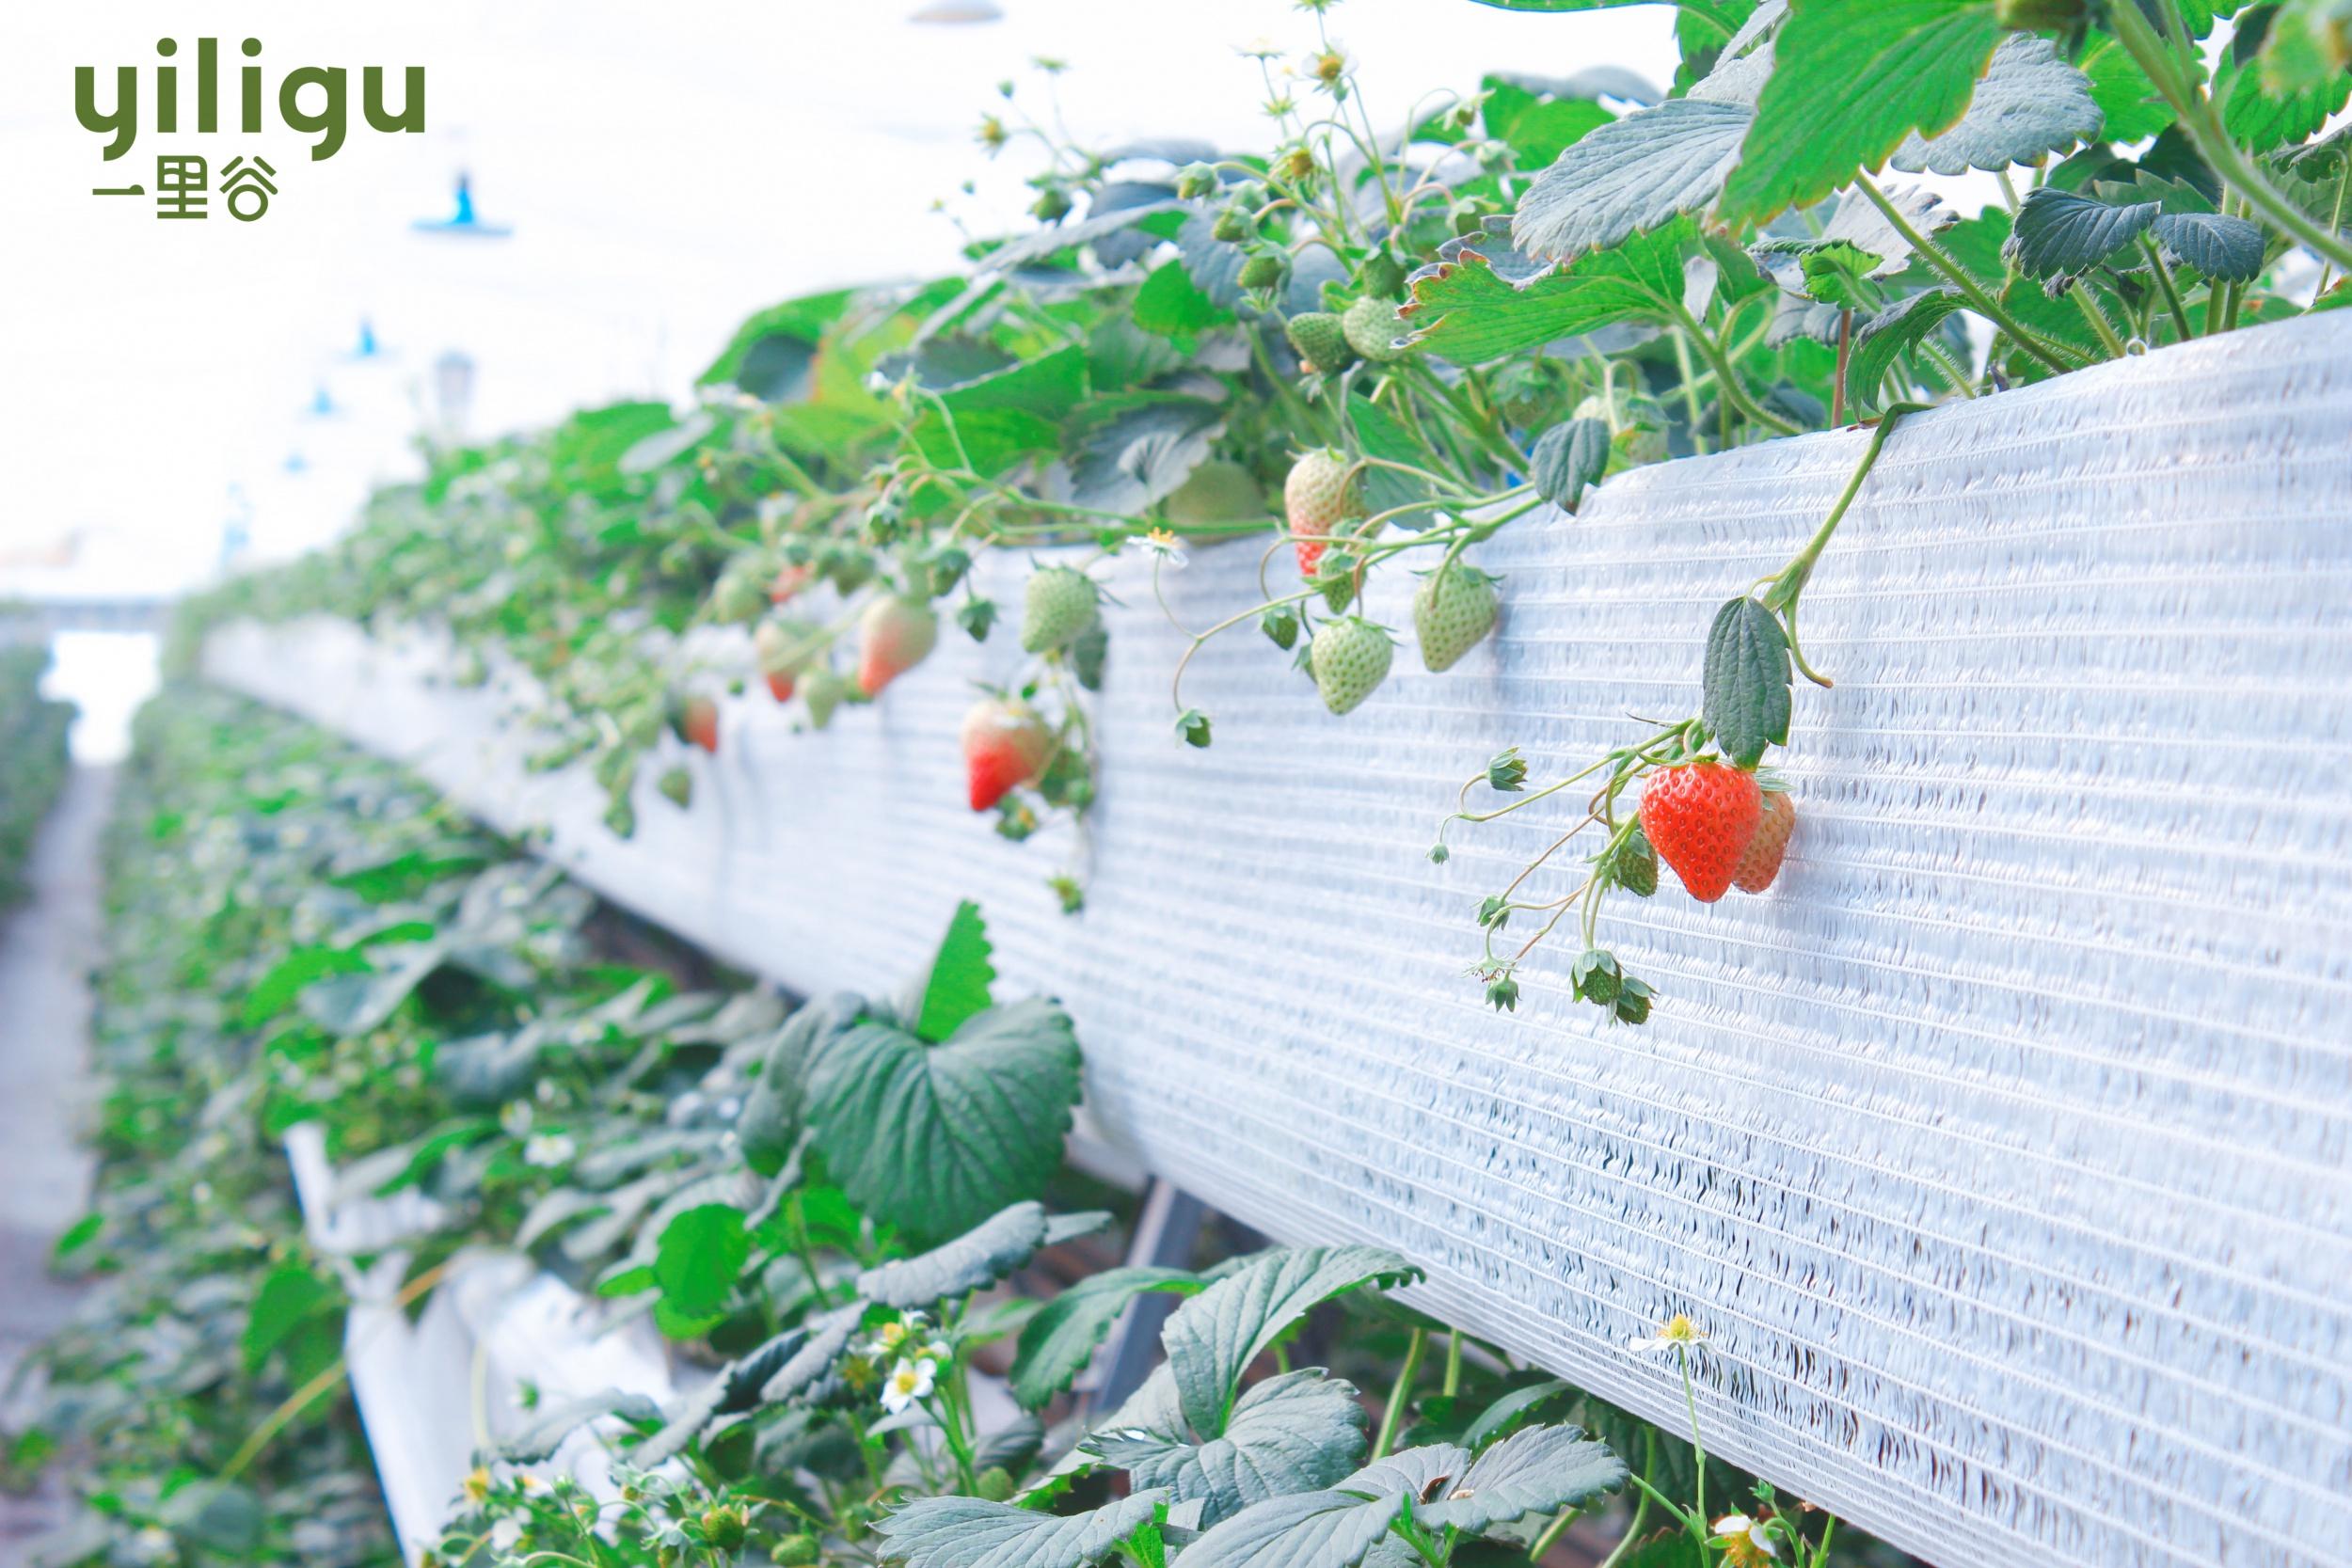 草莓全產業鏈安全管控及清潔化生產技術